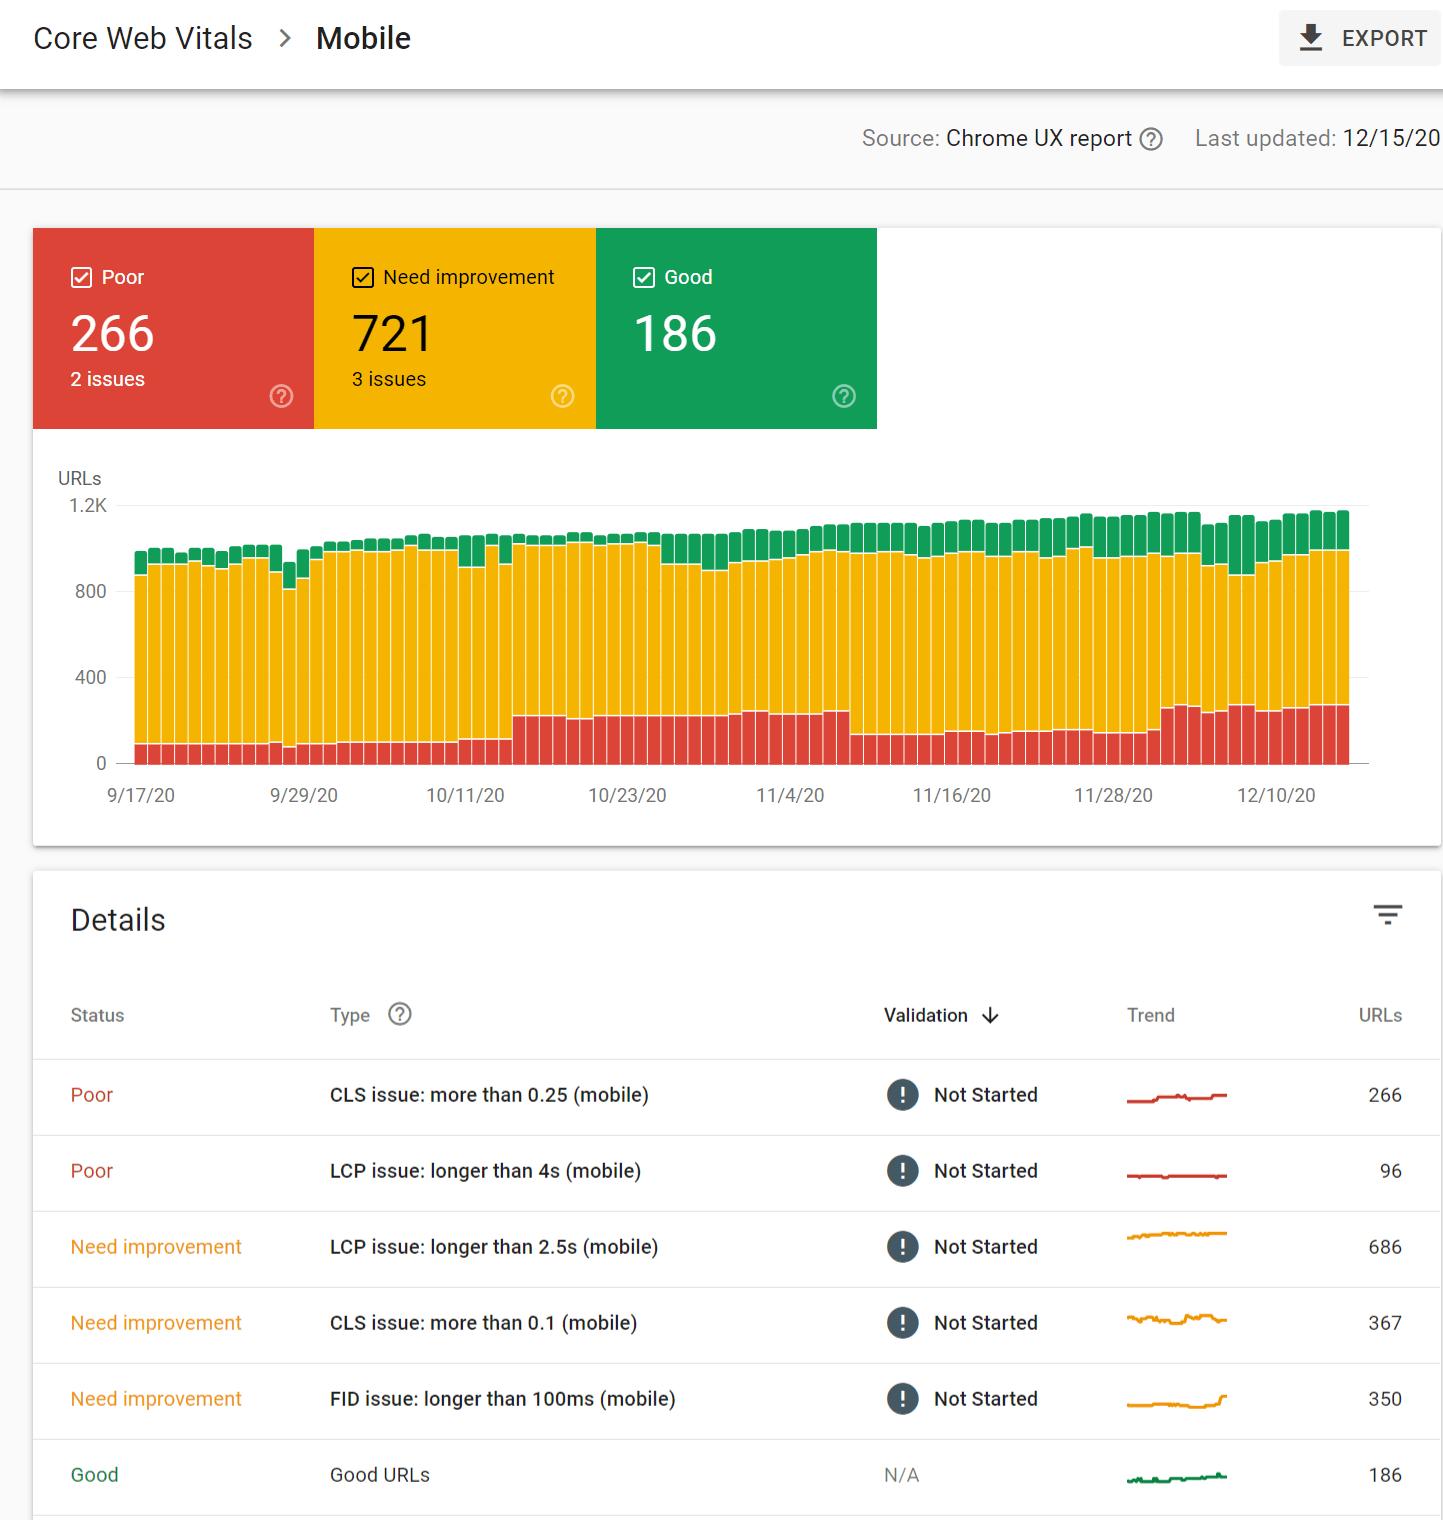 Mobile Core Web Vitals